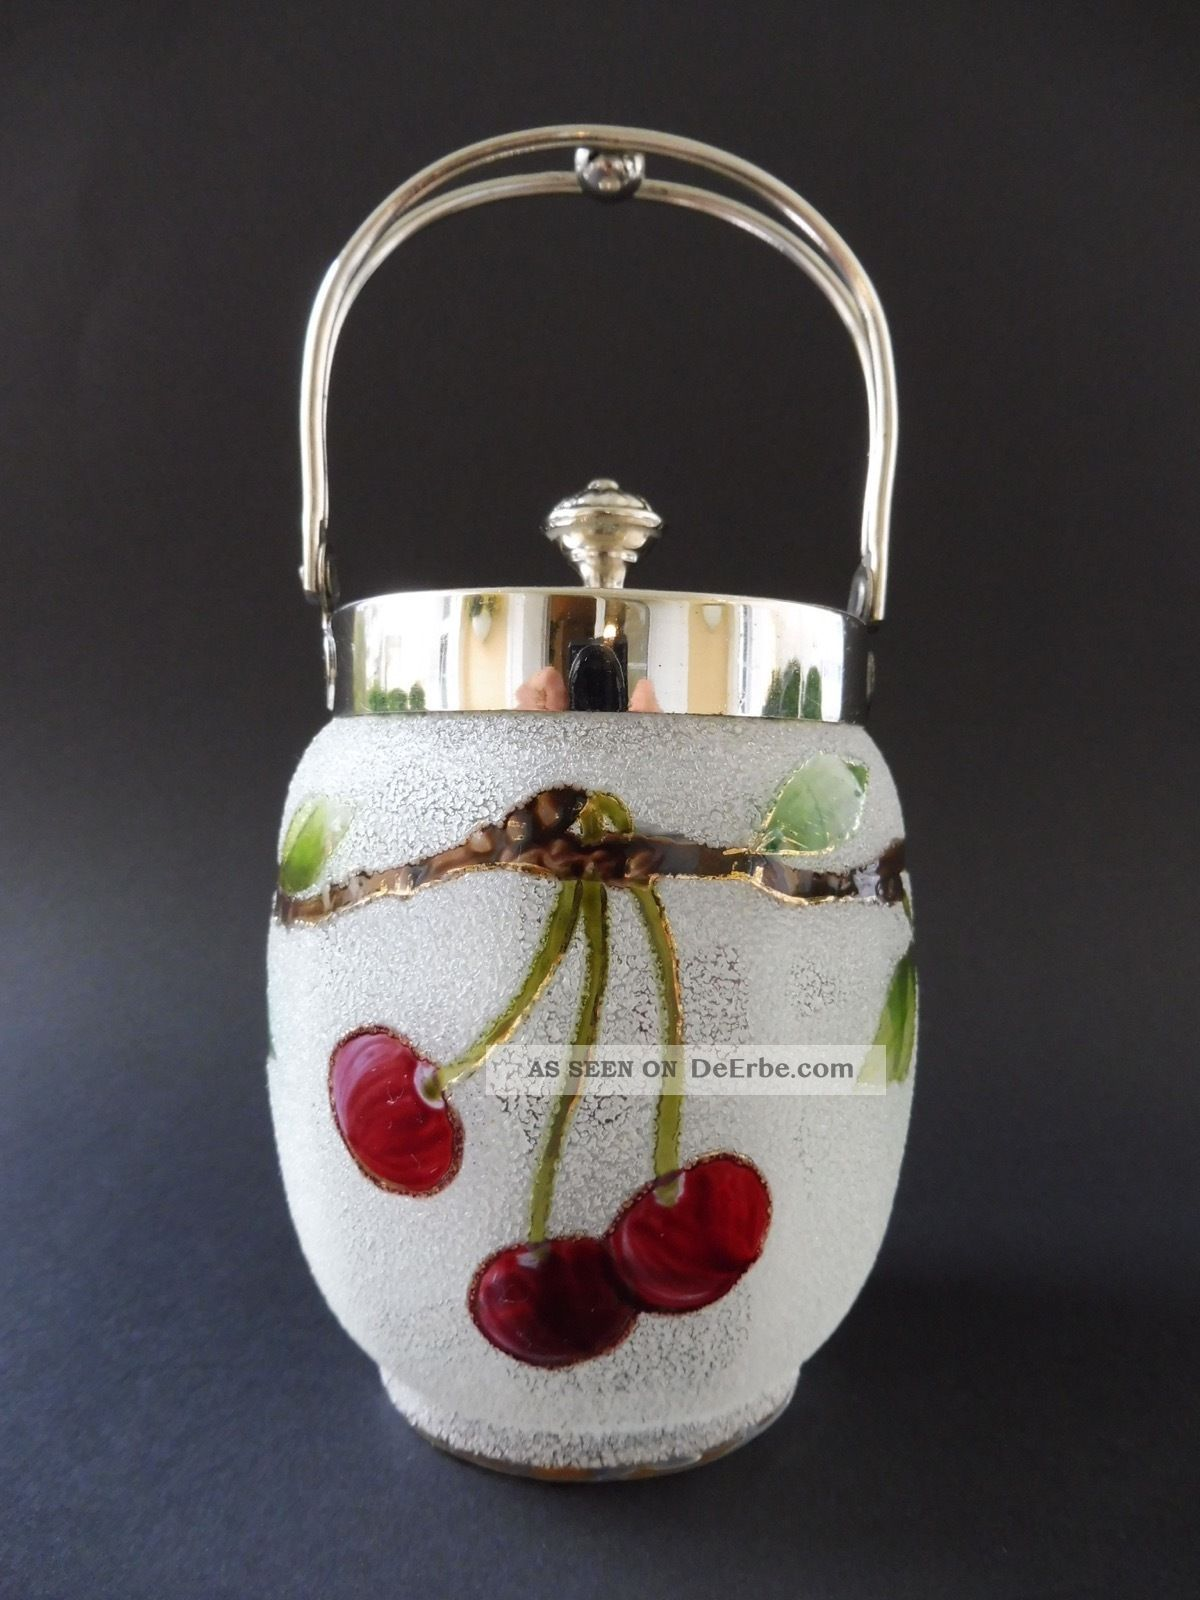 :: Jugendstil Eisglas Konfektdose Kirsche Art Nouveau Cherry Comfit Box Vessel 1890-1919, Jugendstil Bild